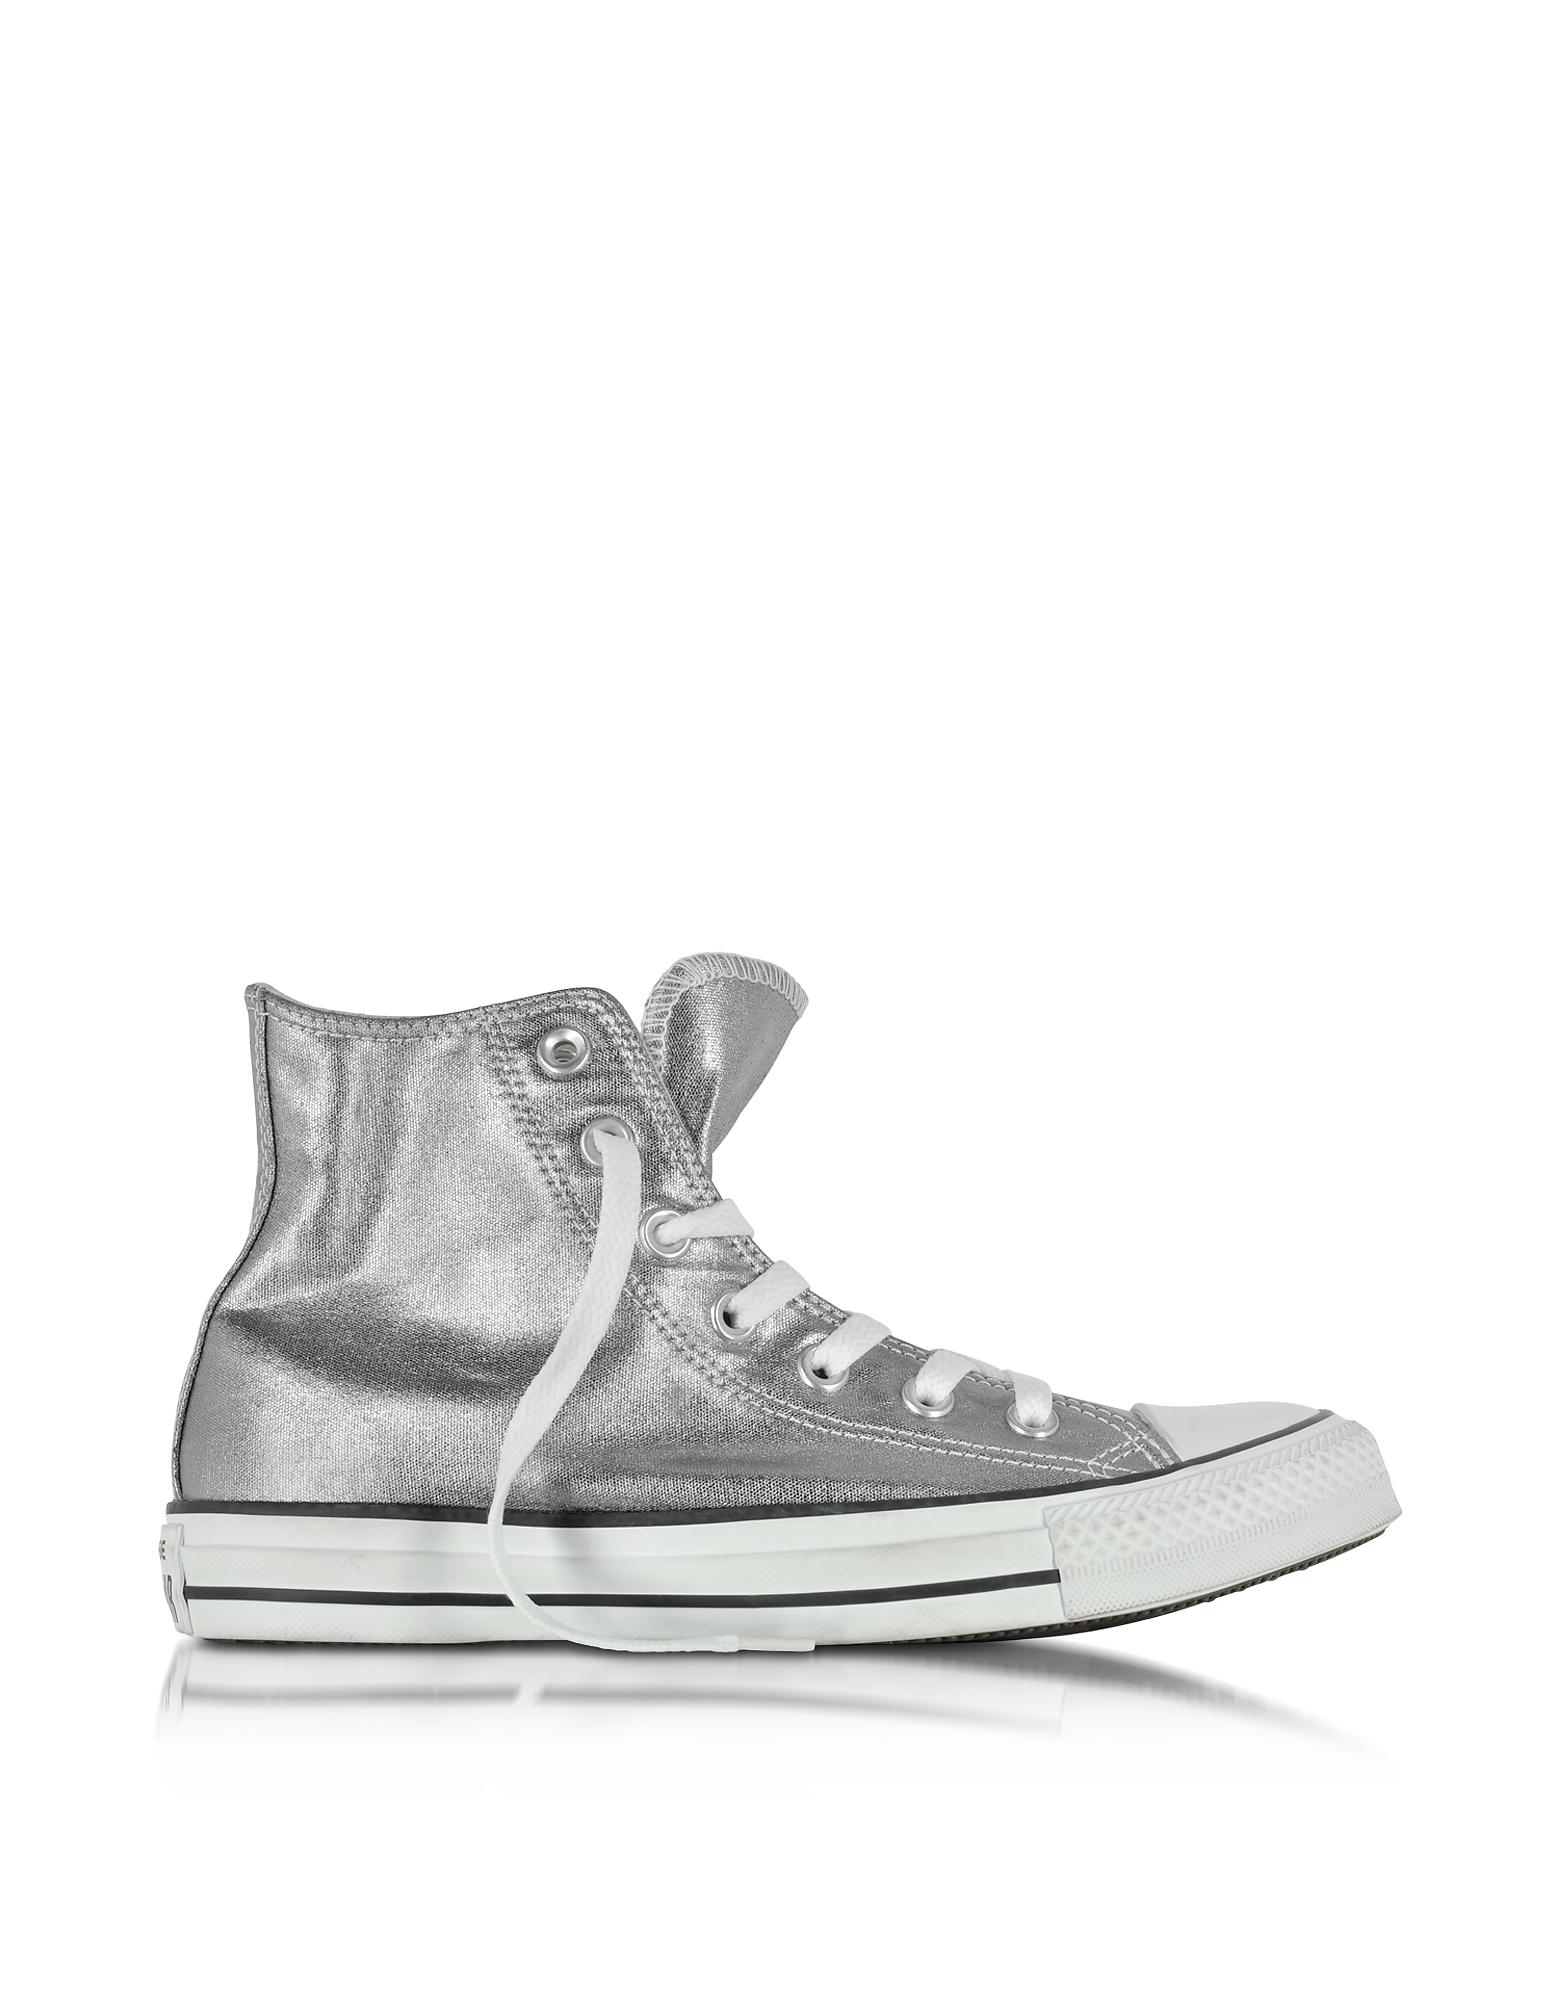 Converse Limited Edition All Star - Высокие Хромовые Женские Кеды из Ткани